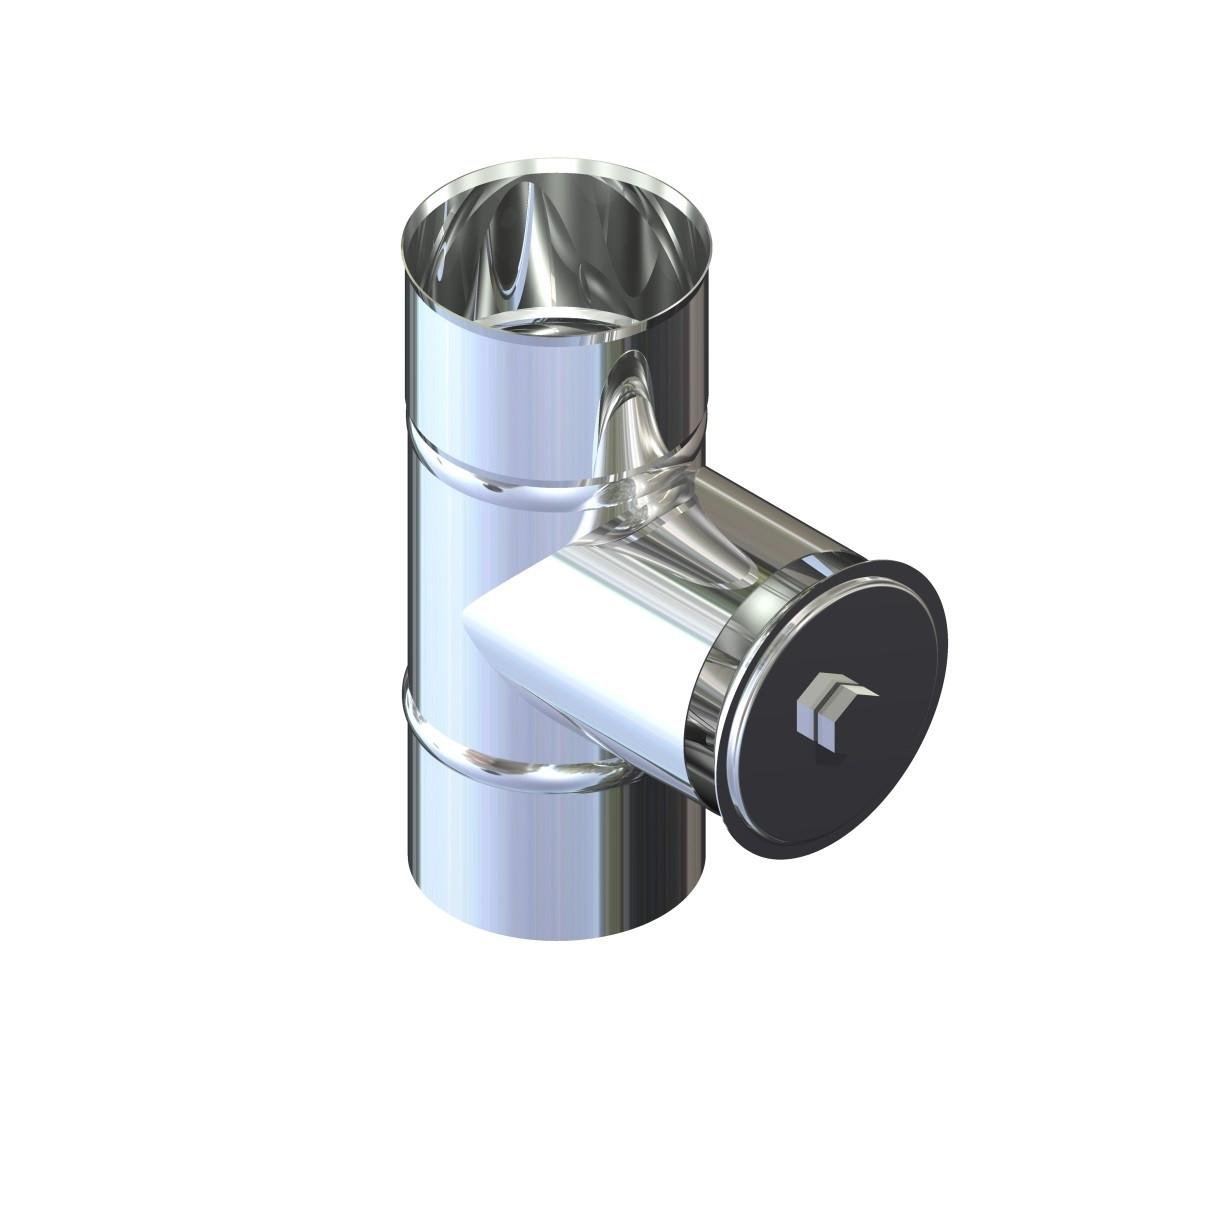 Ревизия дымоходная нержавейка D-220 мм толщина 0,6 мм